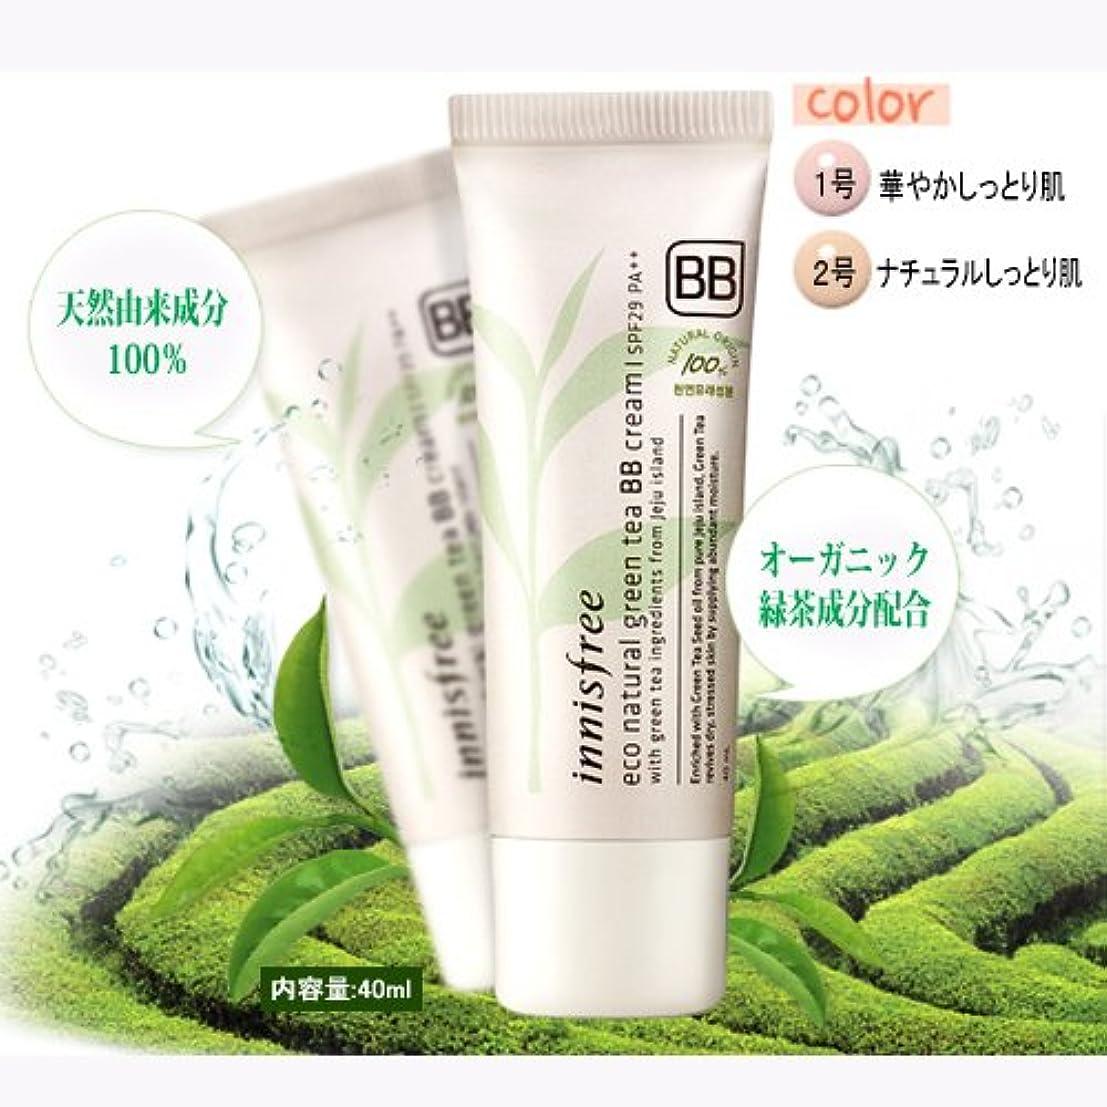 湿ったメイド提唱するinnisfree/イニスフリー Eco Natural Green Tea BB Cream #01 /エコナチュラルグリーンティーBBクリーム 華やかなしっとり肌 SPF29PA++40ml